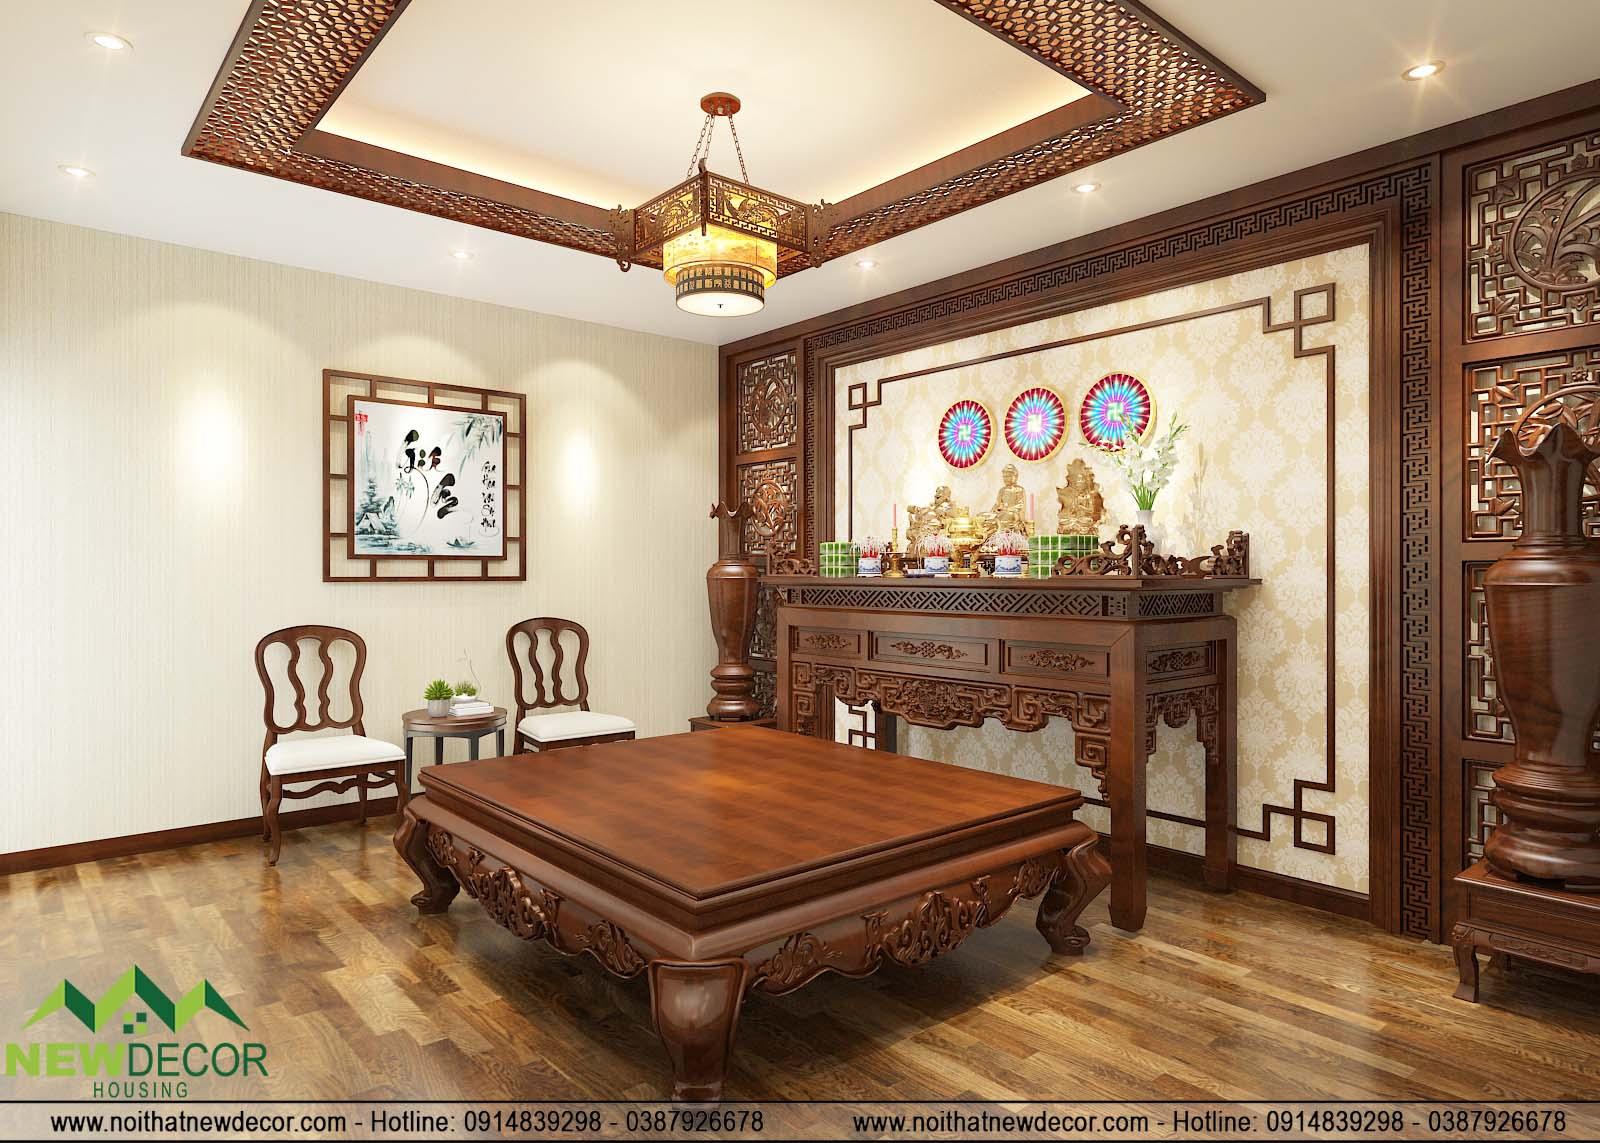 thiết kế không gian tầng 3 với phòng thờ trang nghiêm